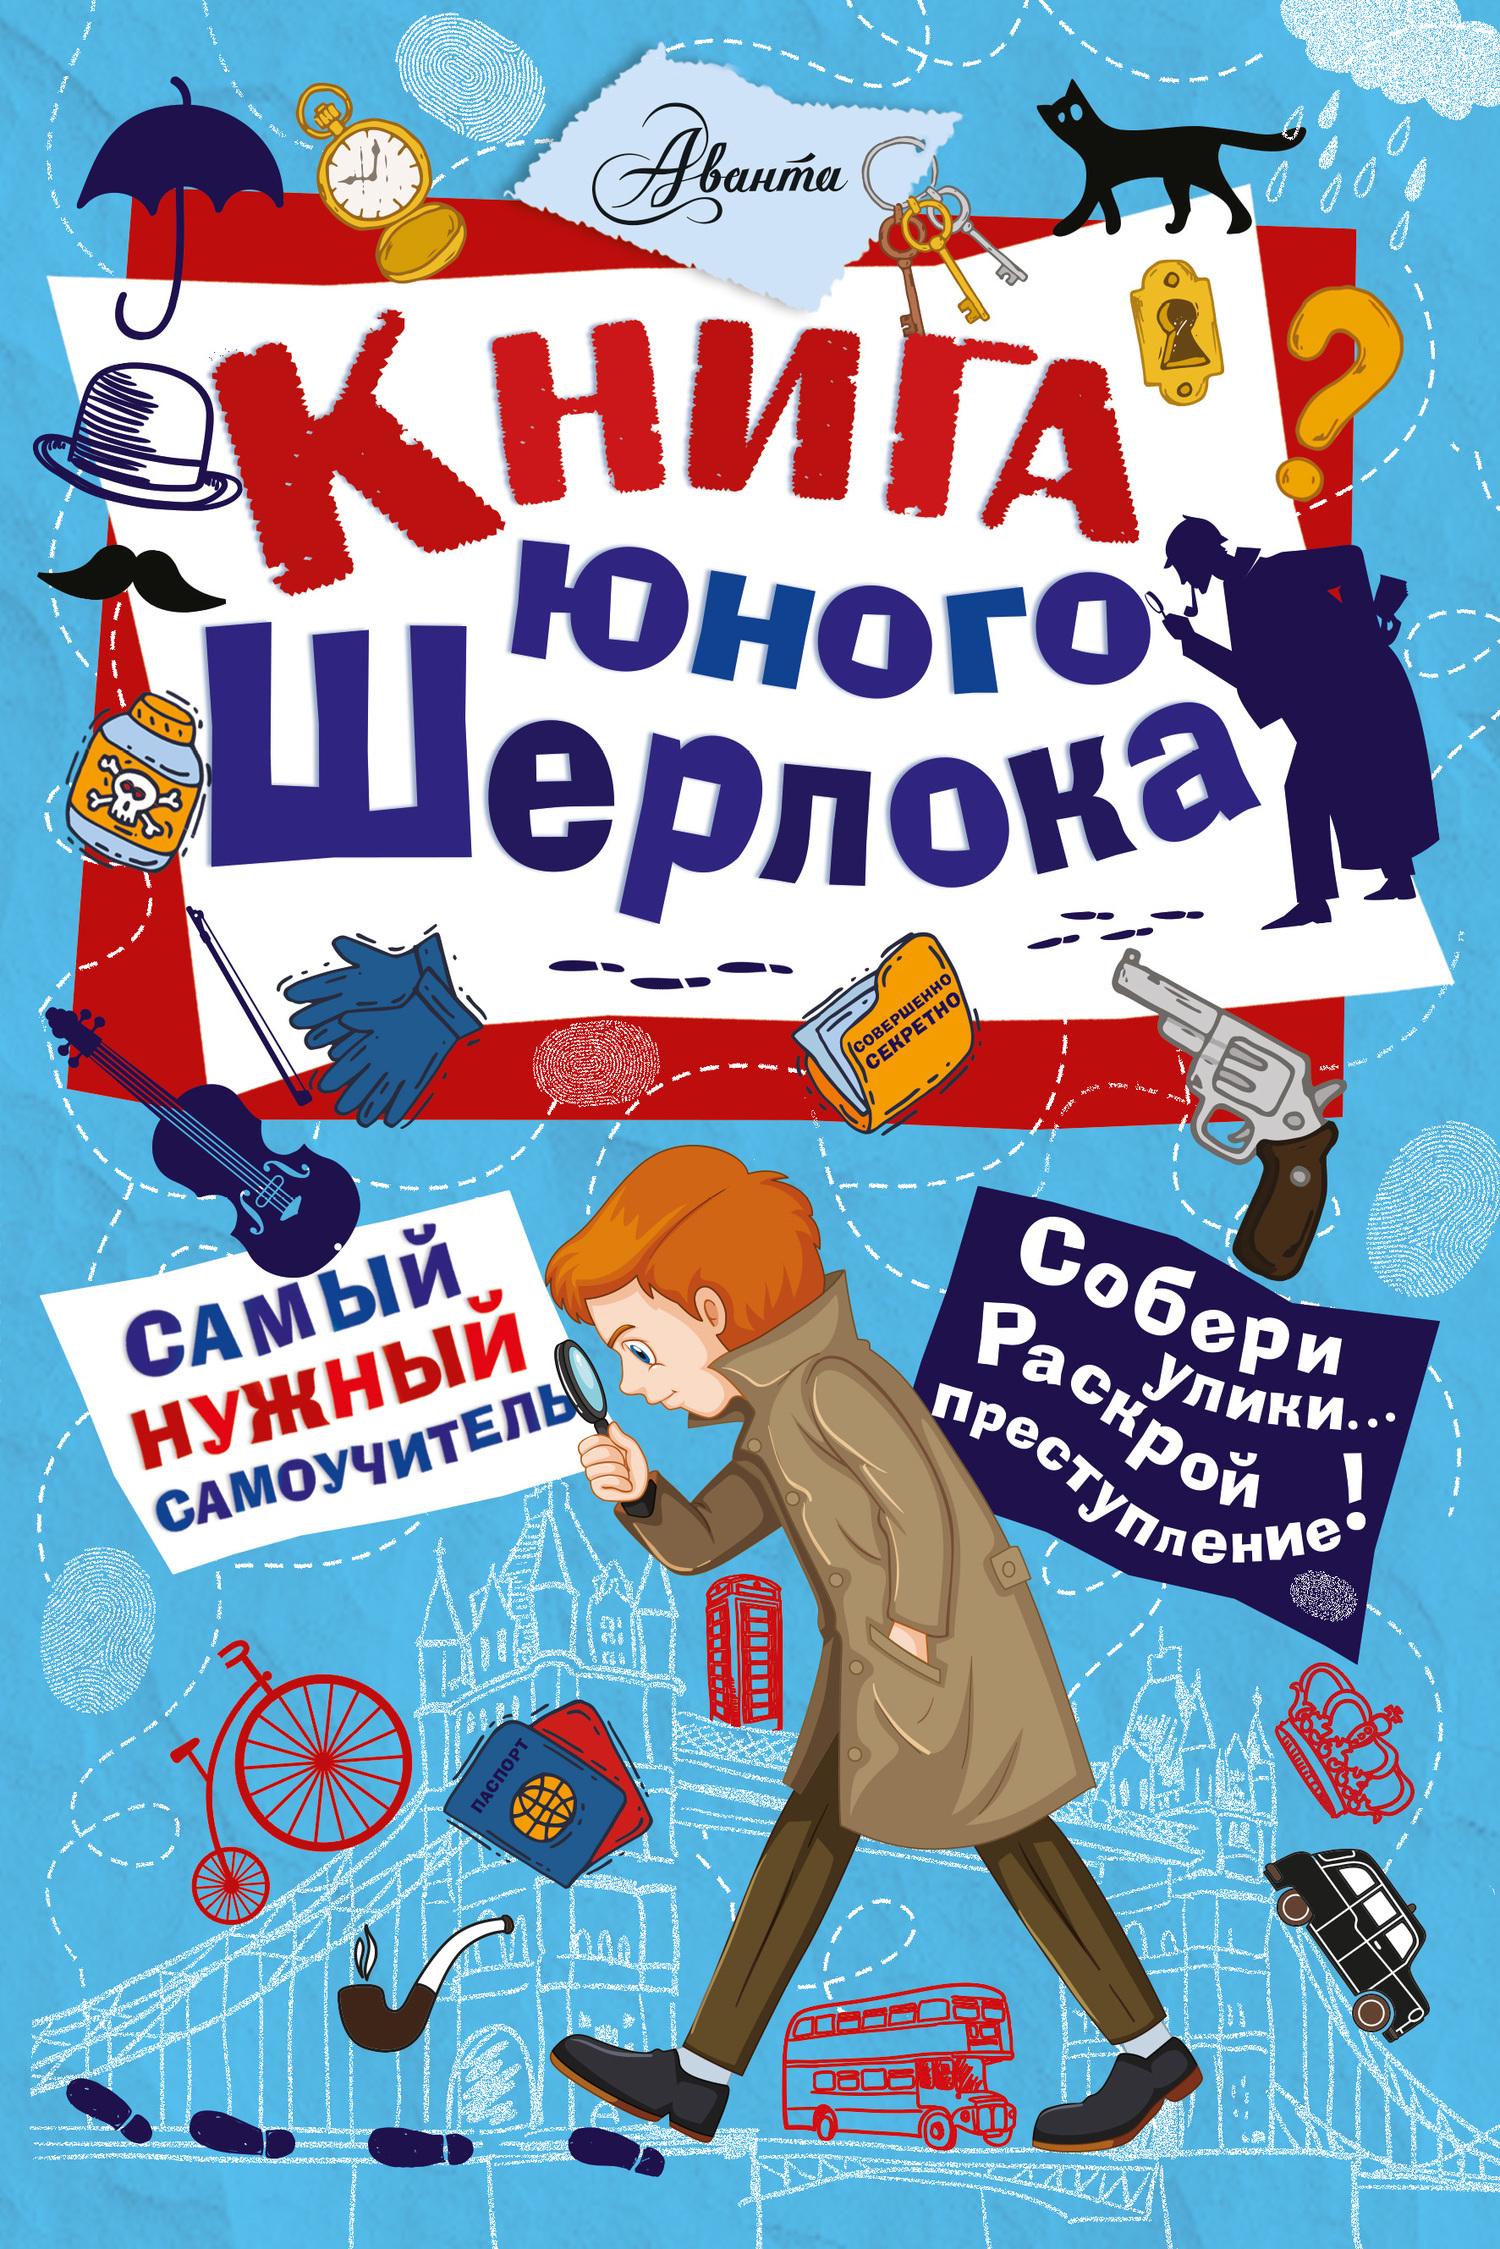 Стюарт Росс - Книга юного Шерлока